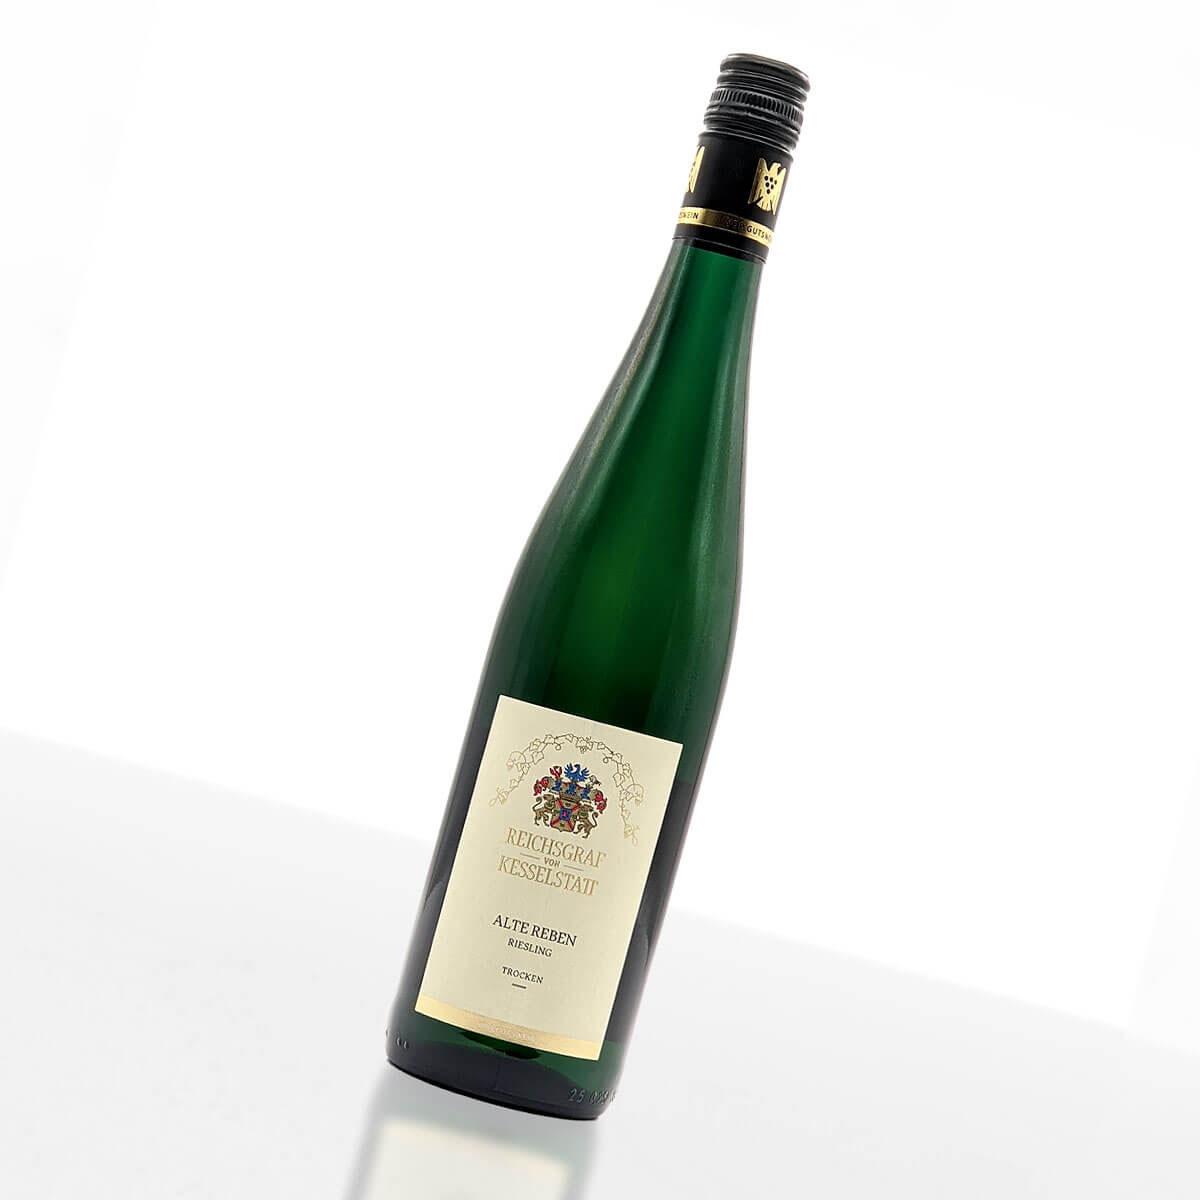 2019er ALTE REBEN Riesling trocken • Weingut Reichsgraf von Kesselstatt